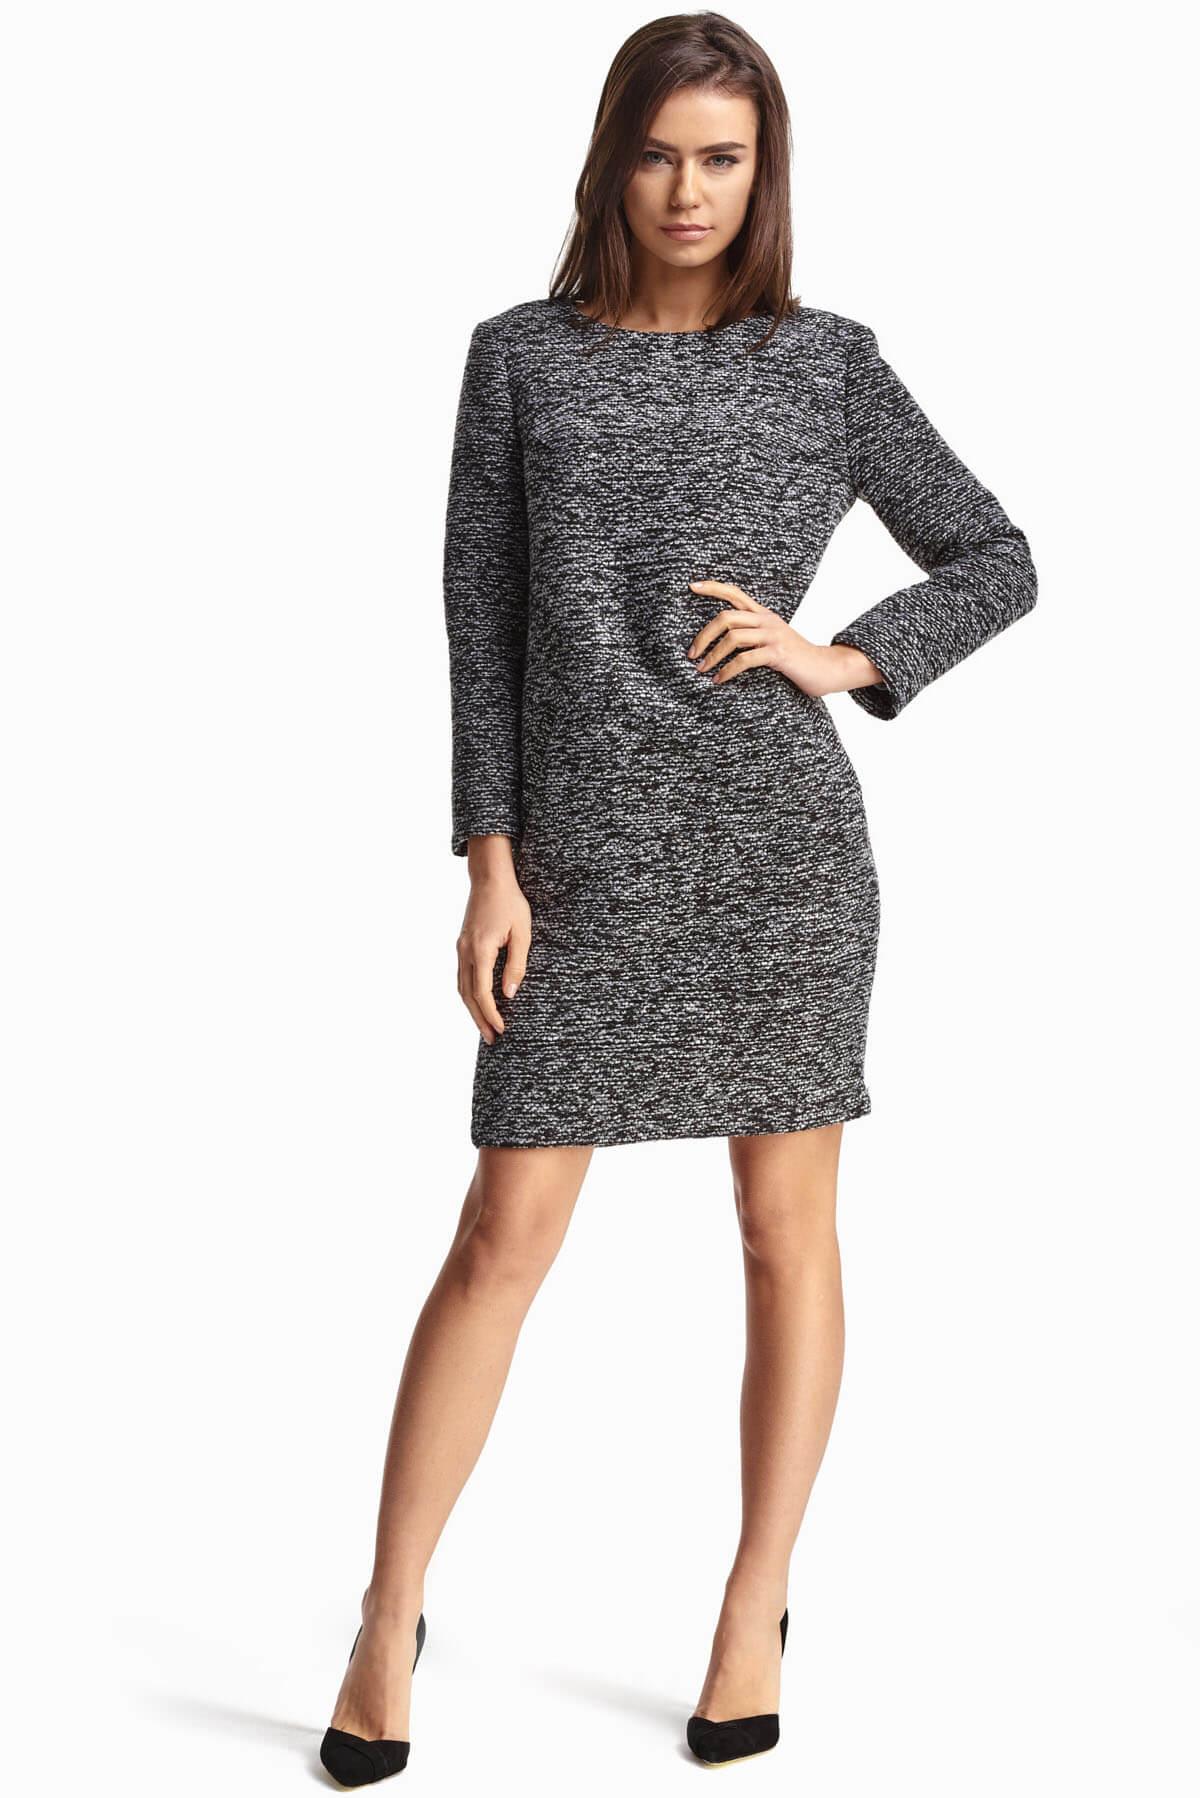 cb66f09f545 Платье из ткани букле купить в интернет-магазине женской одежды ...